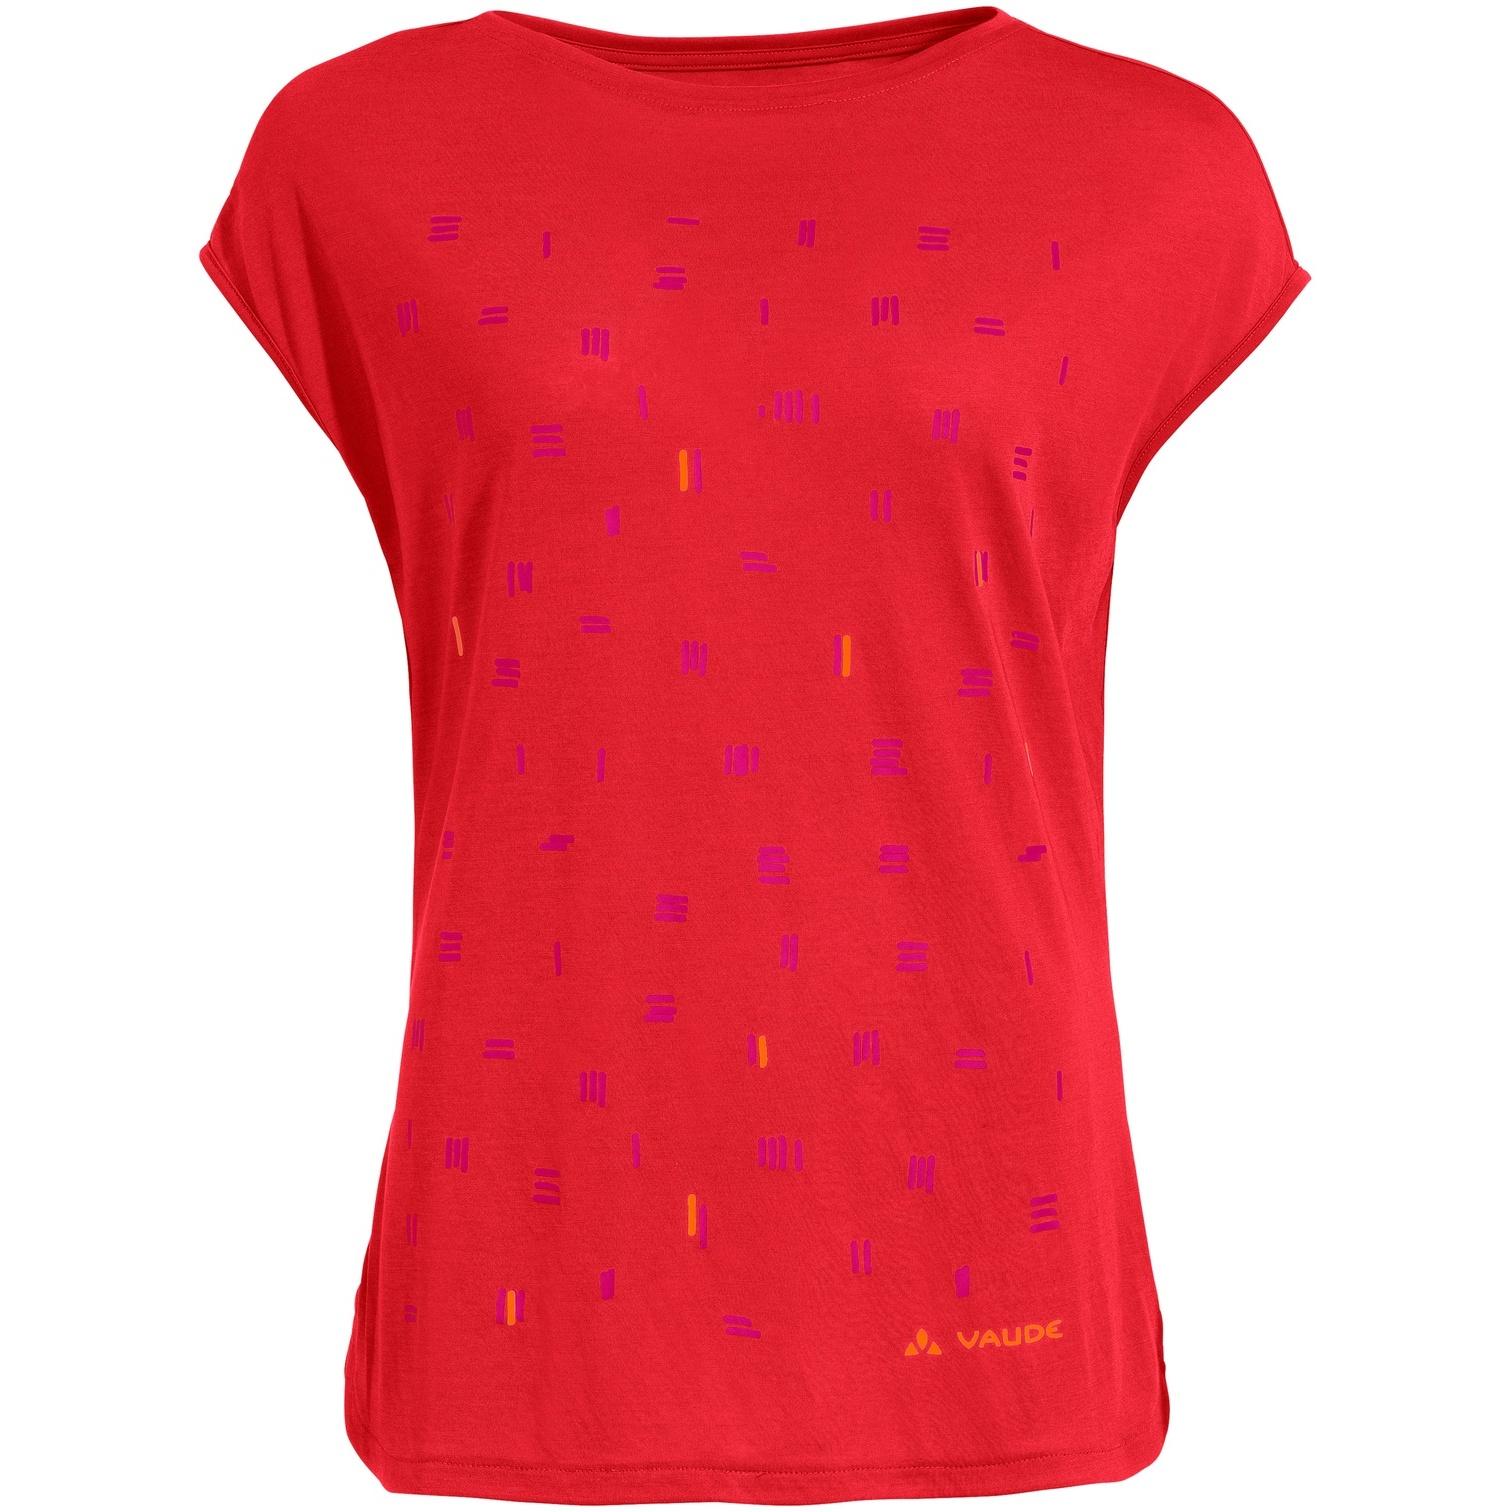 Vaude Women's Tekoa Shirt - mars red